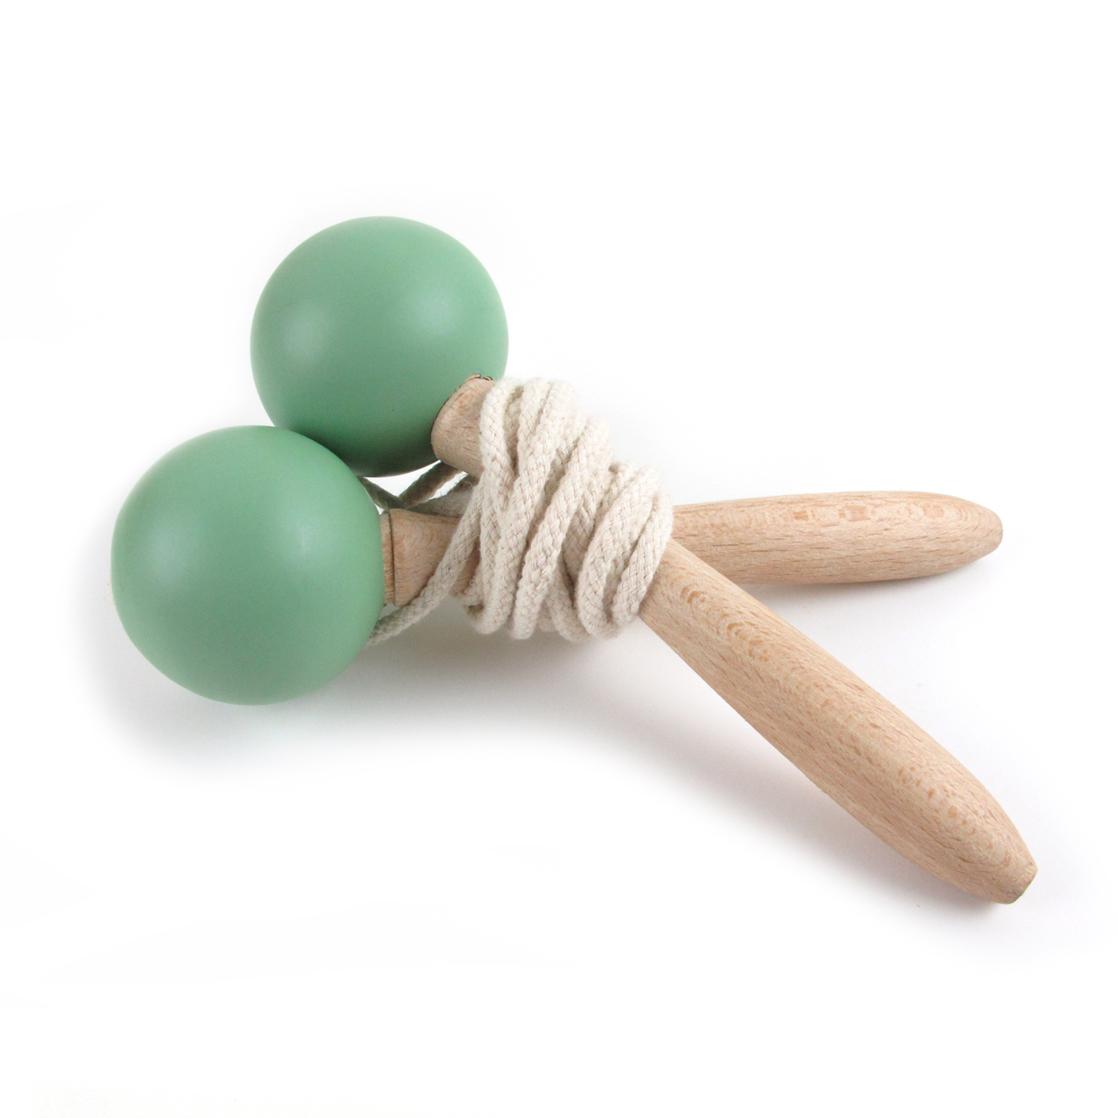 Corde Sauter Vert Nobodinoz Pour Chambre Enfant Les